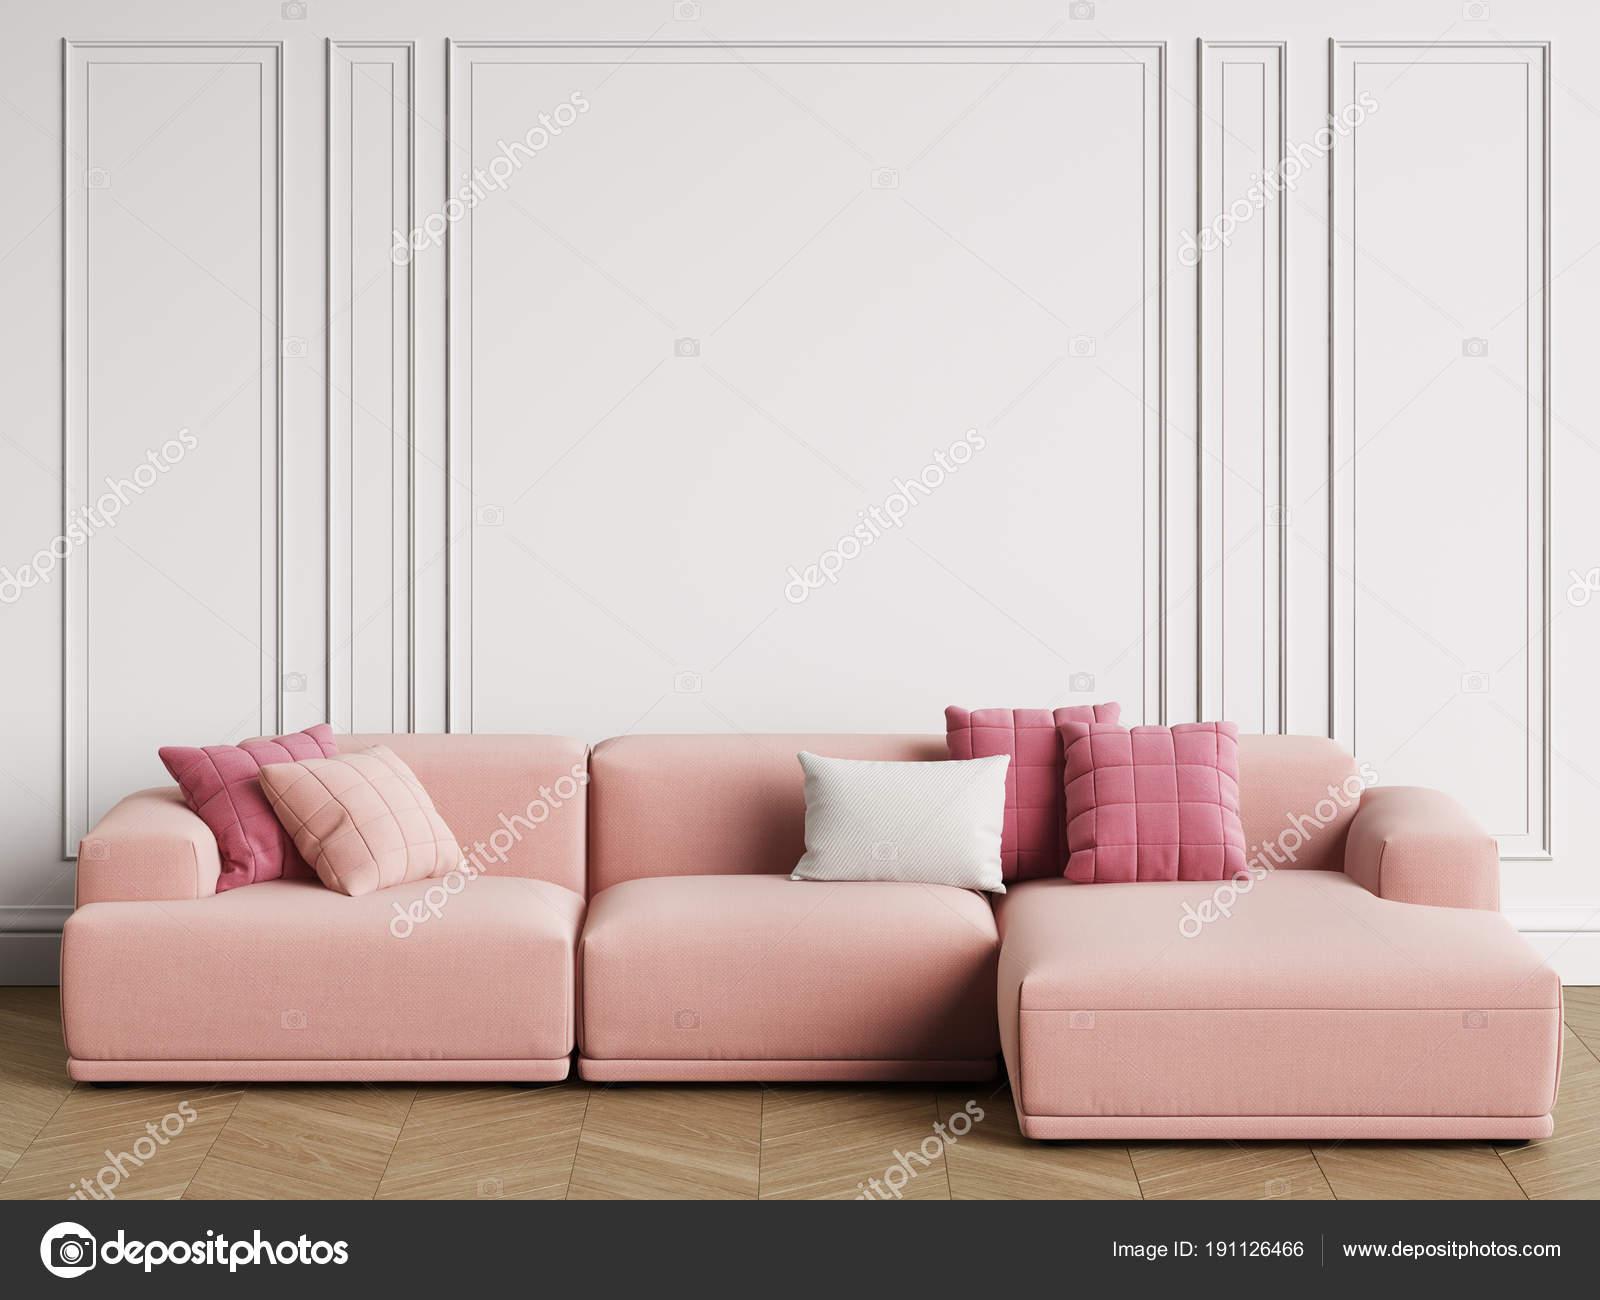 Modernes Skandinavisches Design Sofa Innenraum Wände Mit Formteile ...